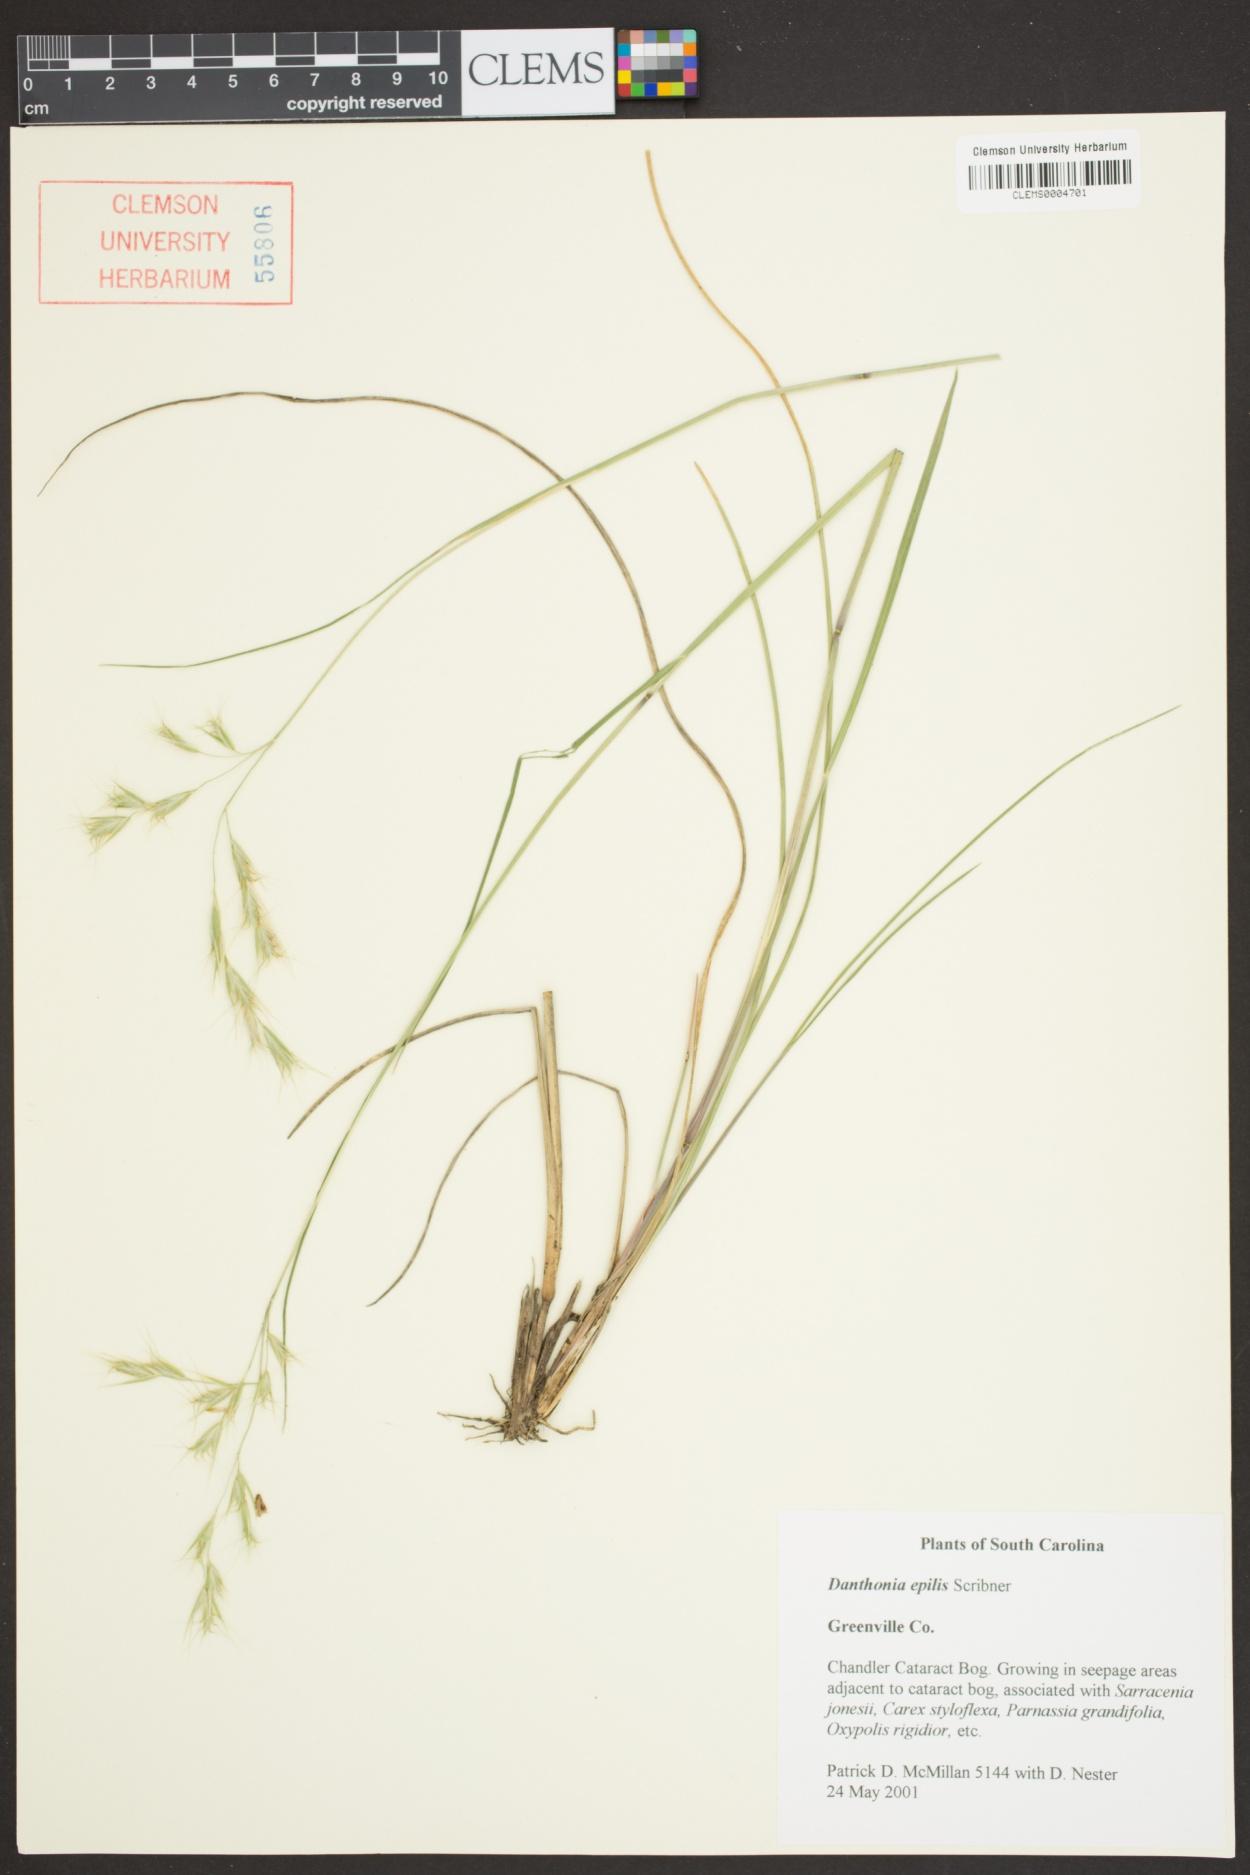 Danthonia epilis image